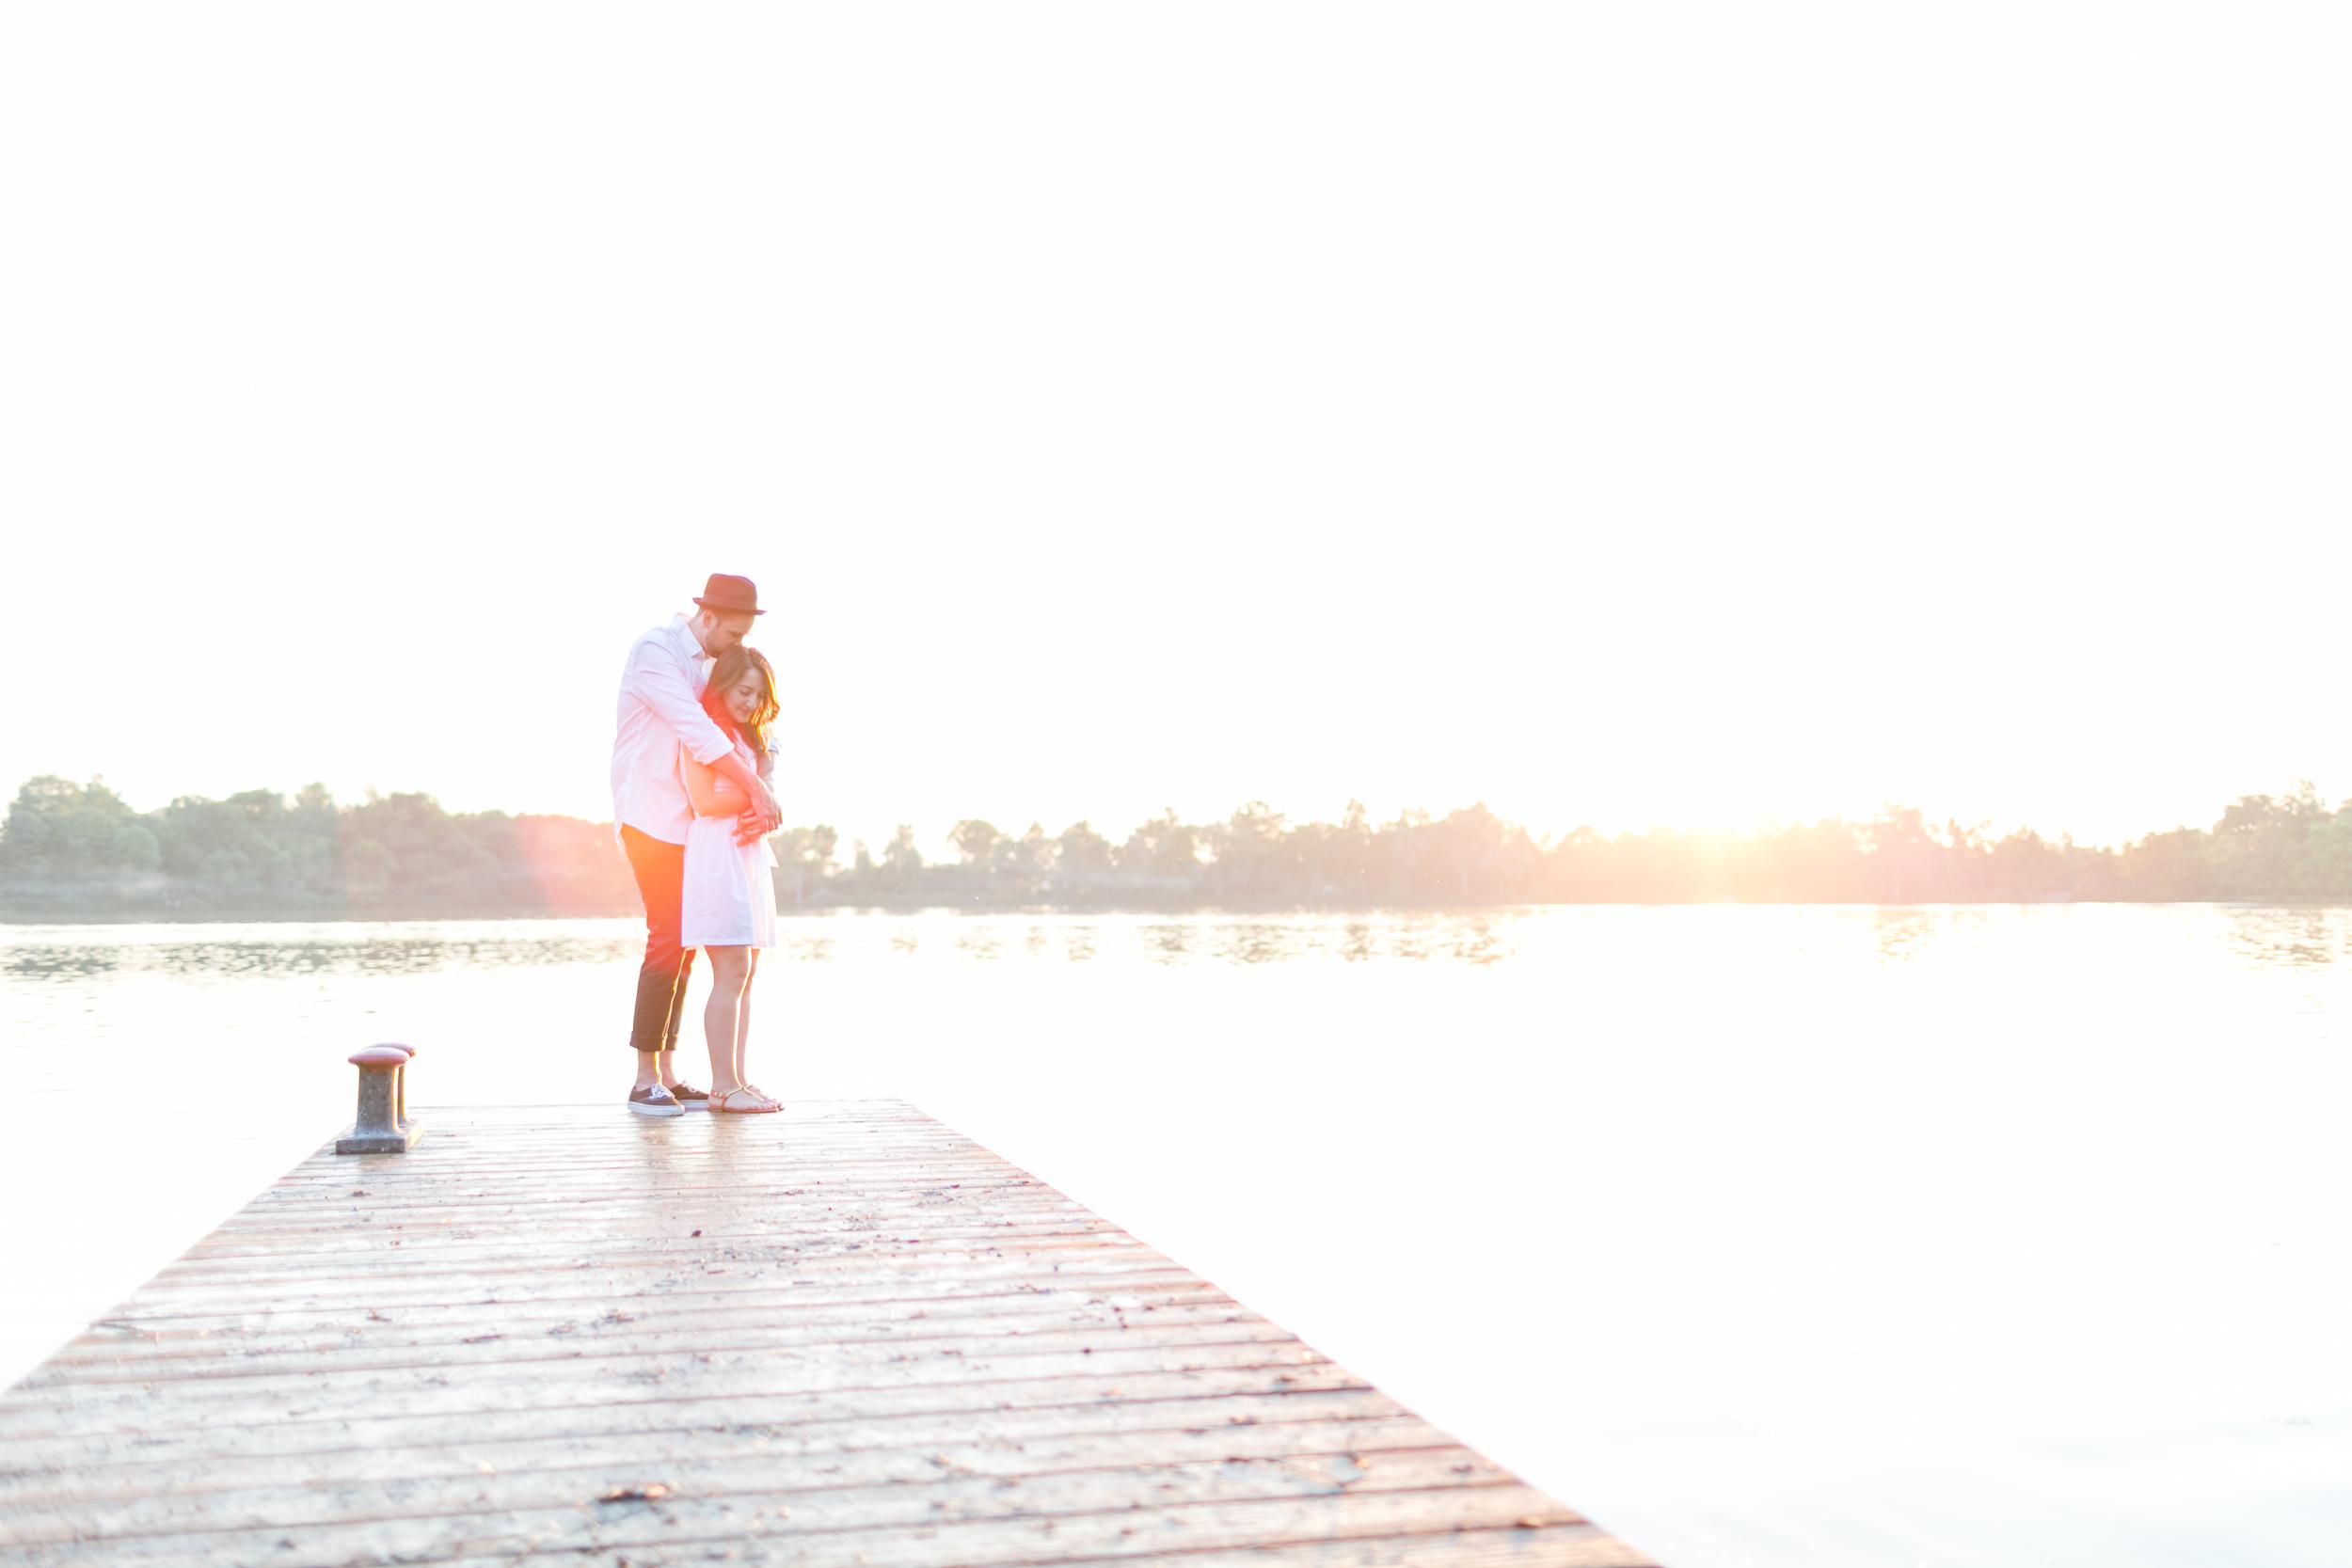 coupleshoot-munich-sunset-summer-love.jpg